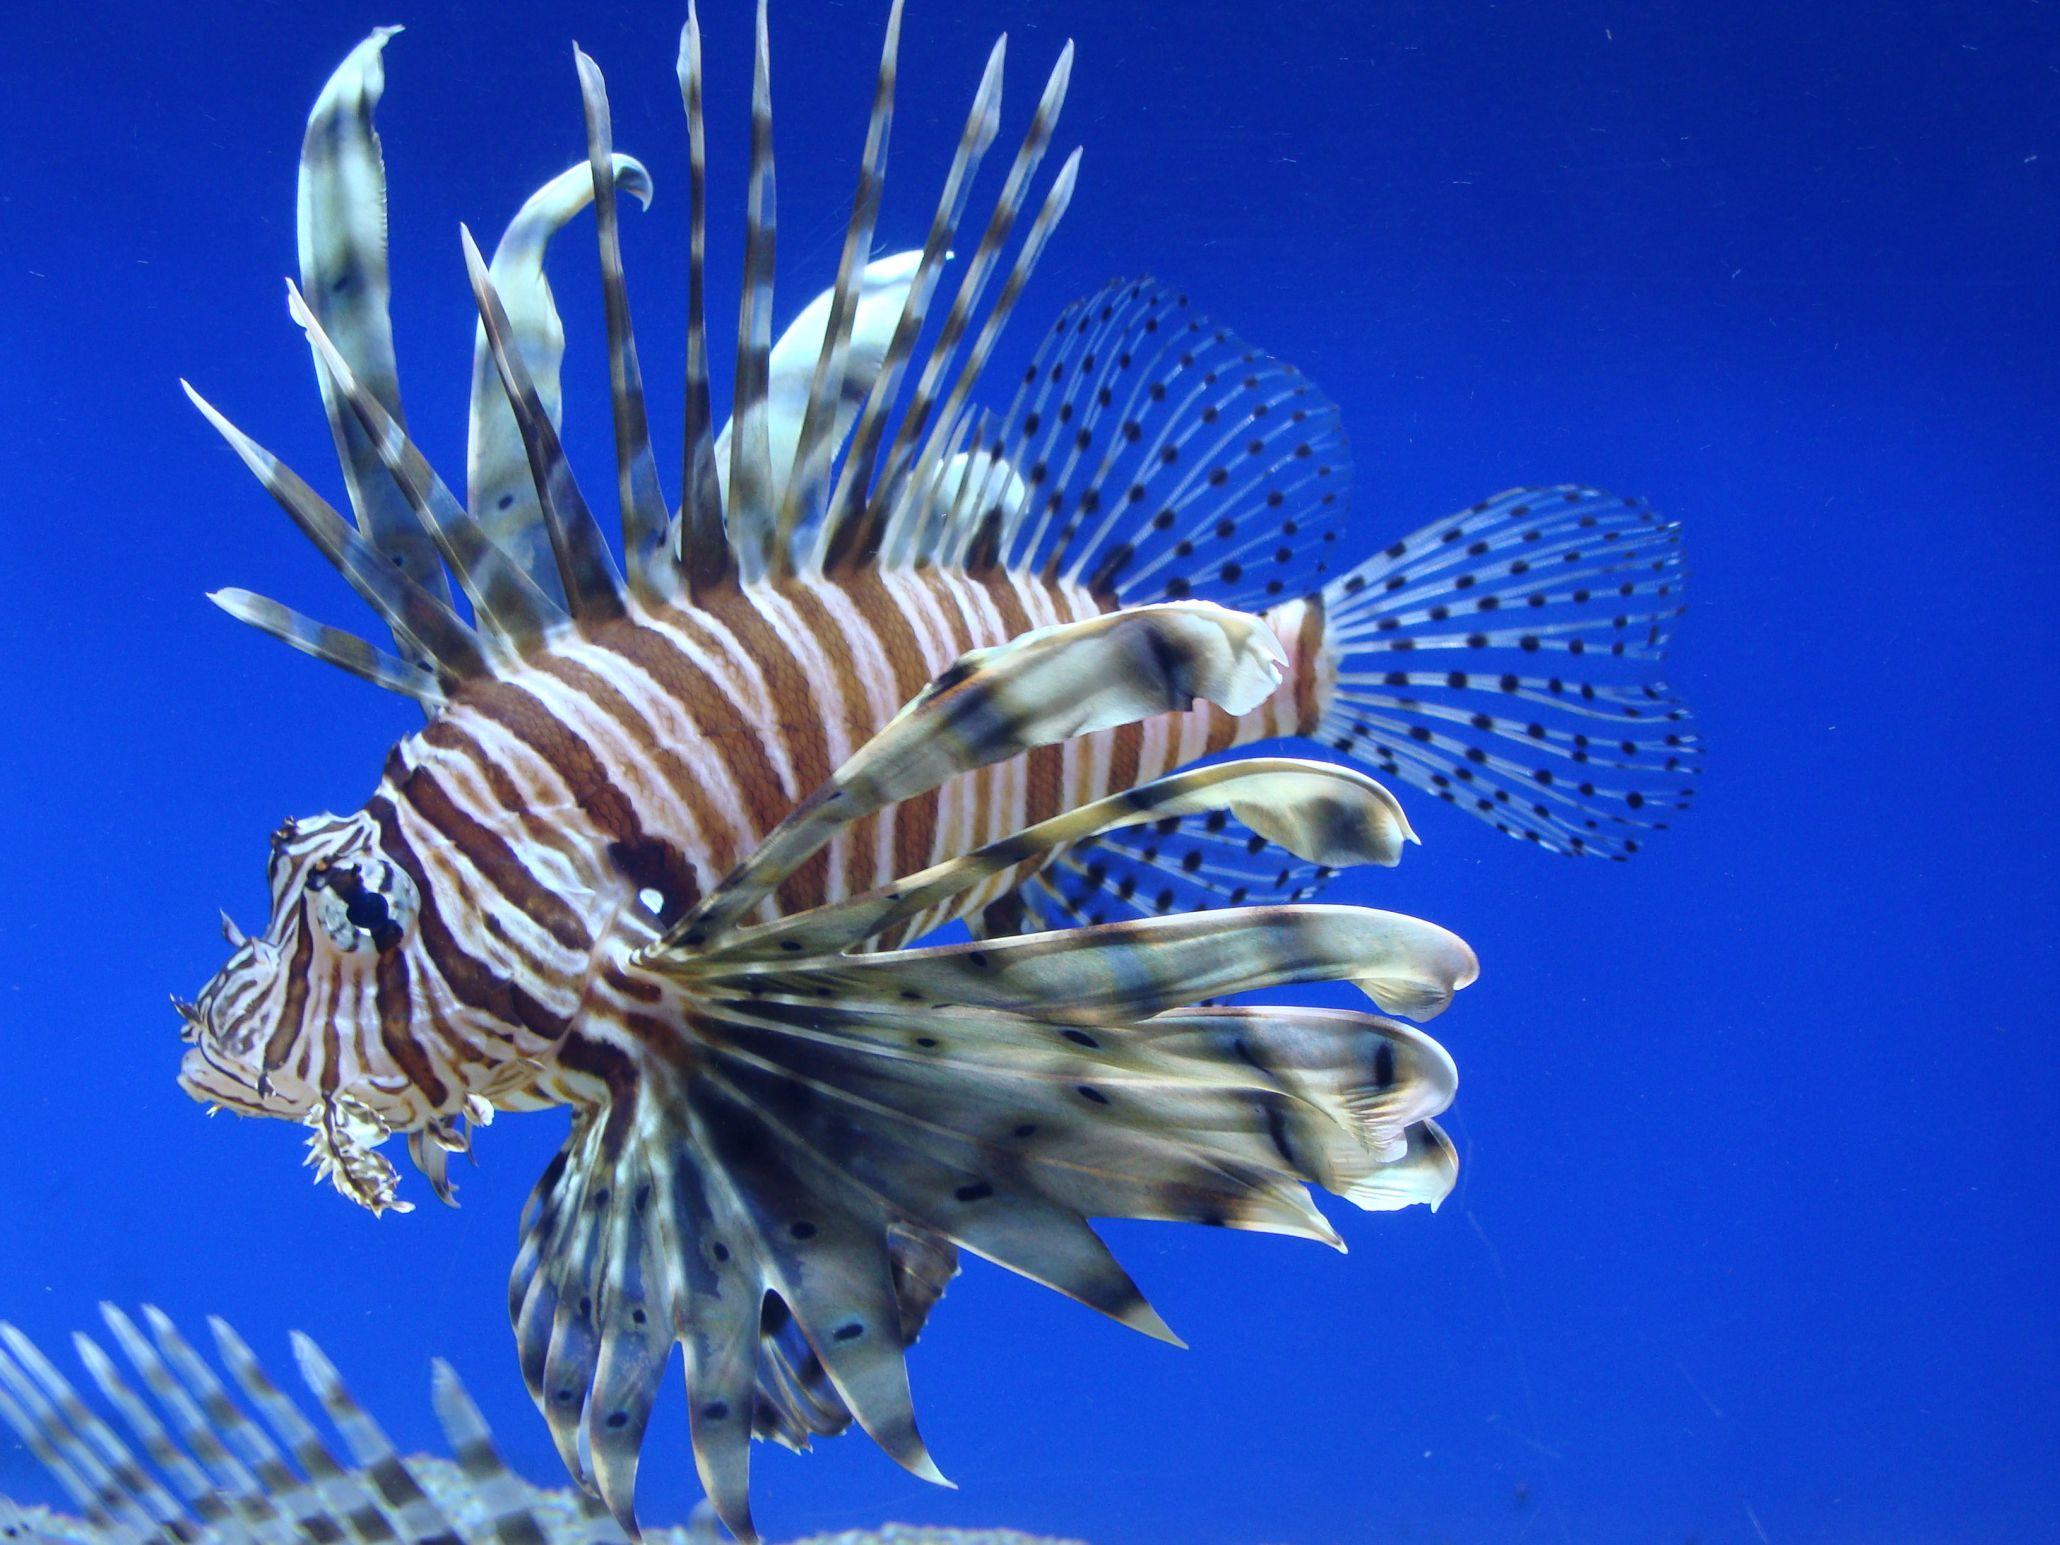 Pez escorpión información para acuarios - Mundo Acuario